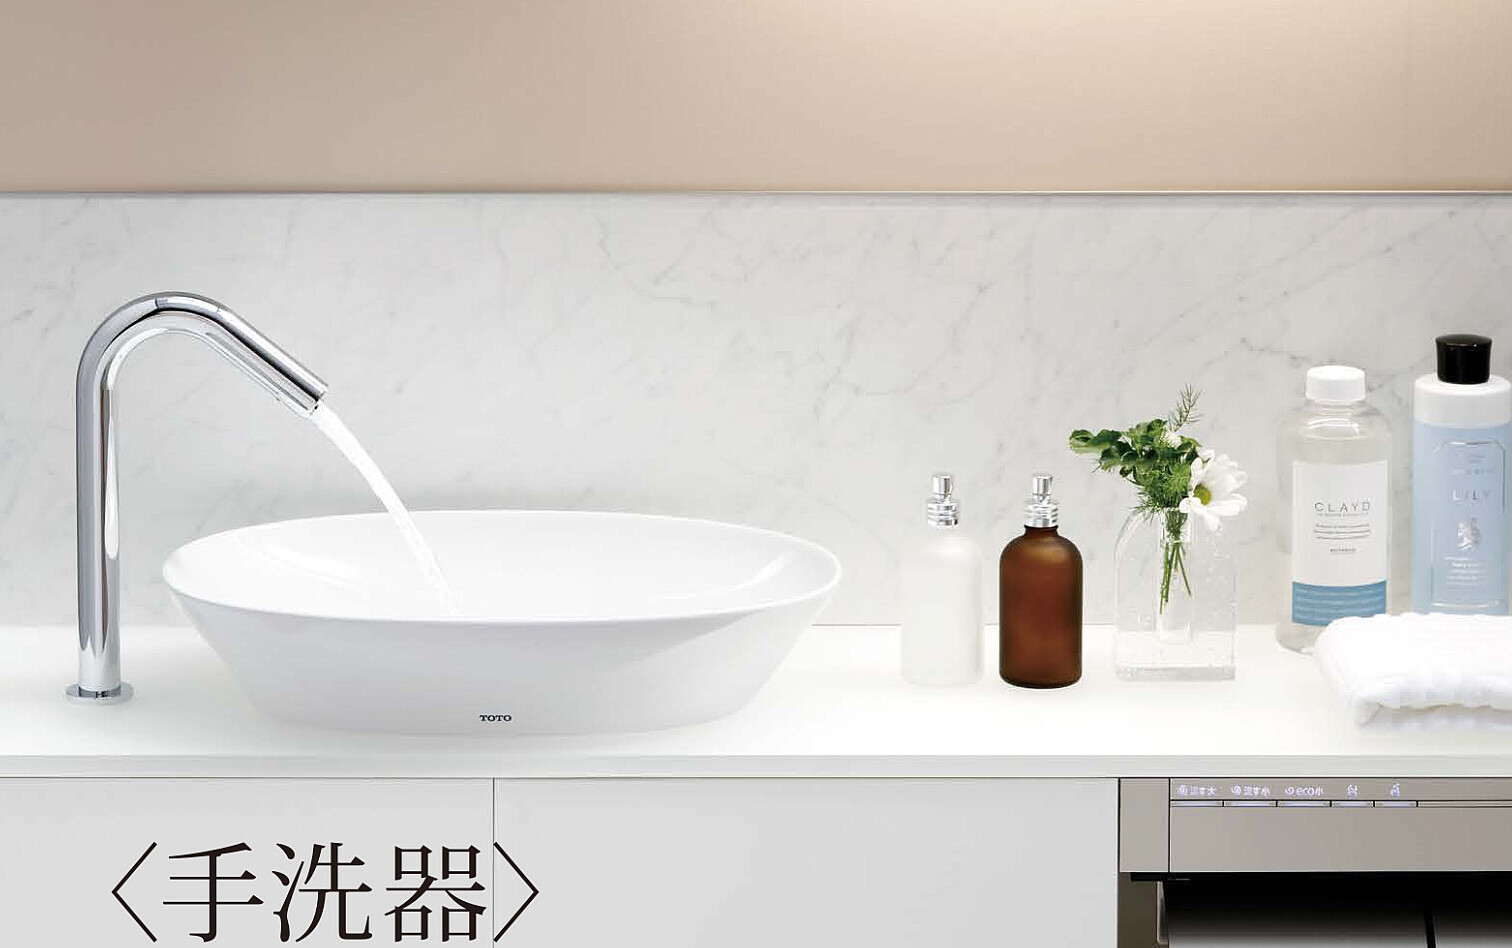 トイレ交換の基礎知識   トイレ手洗いについて